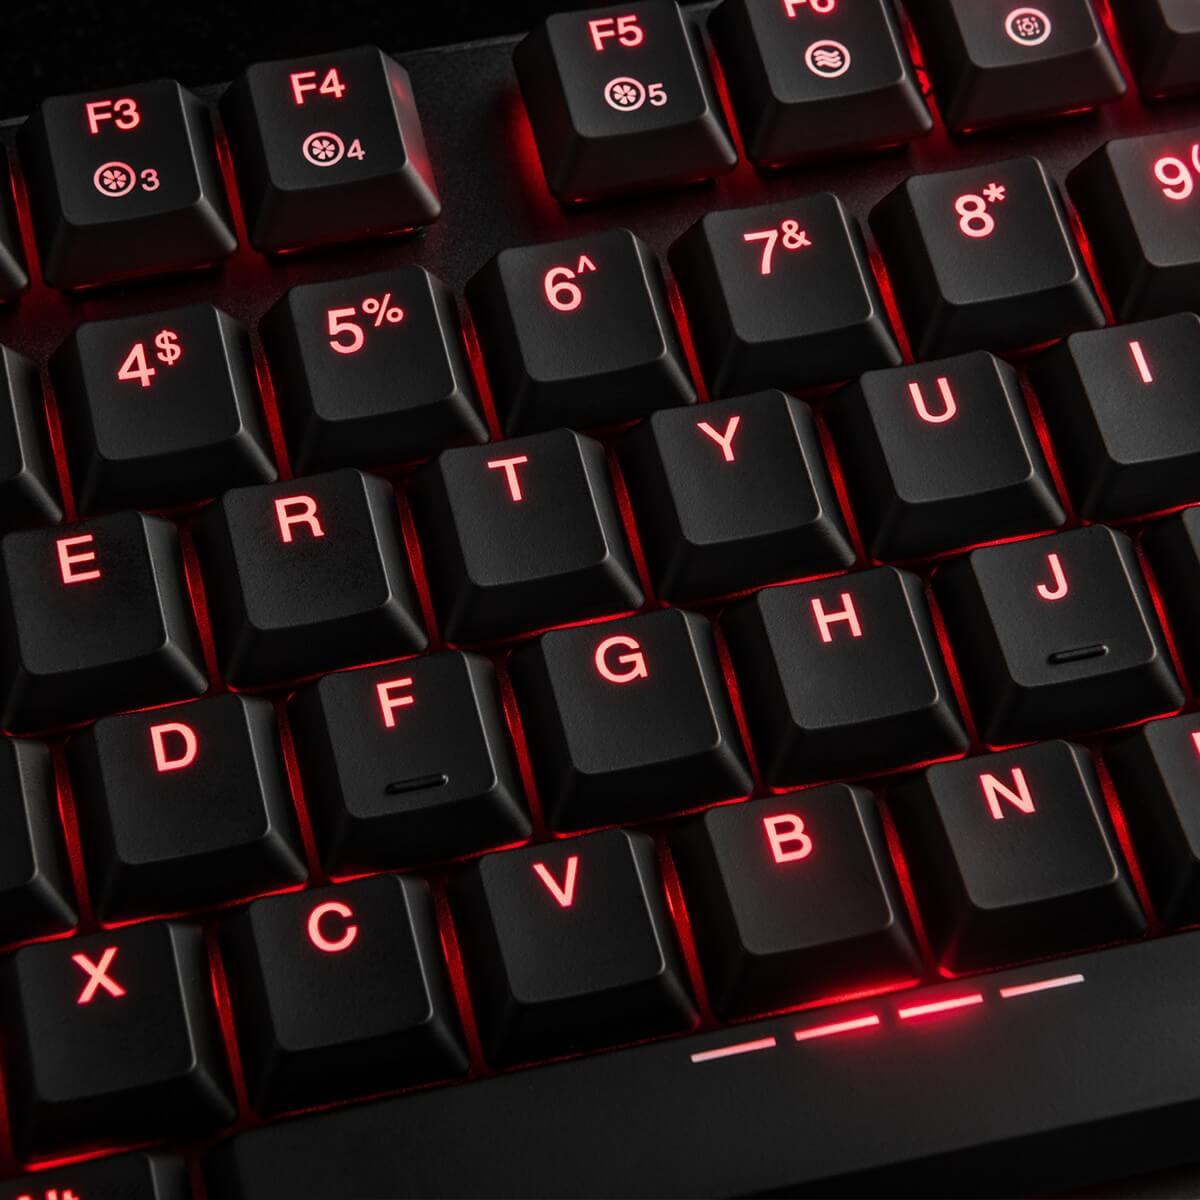 MODECOM VOLCANO BLADE žaidimų klaviatūra BLUE US